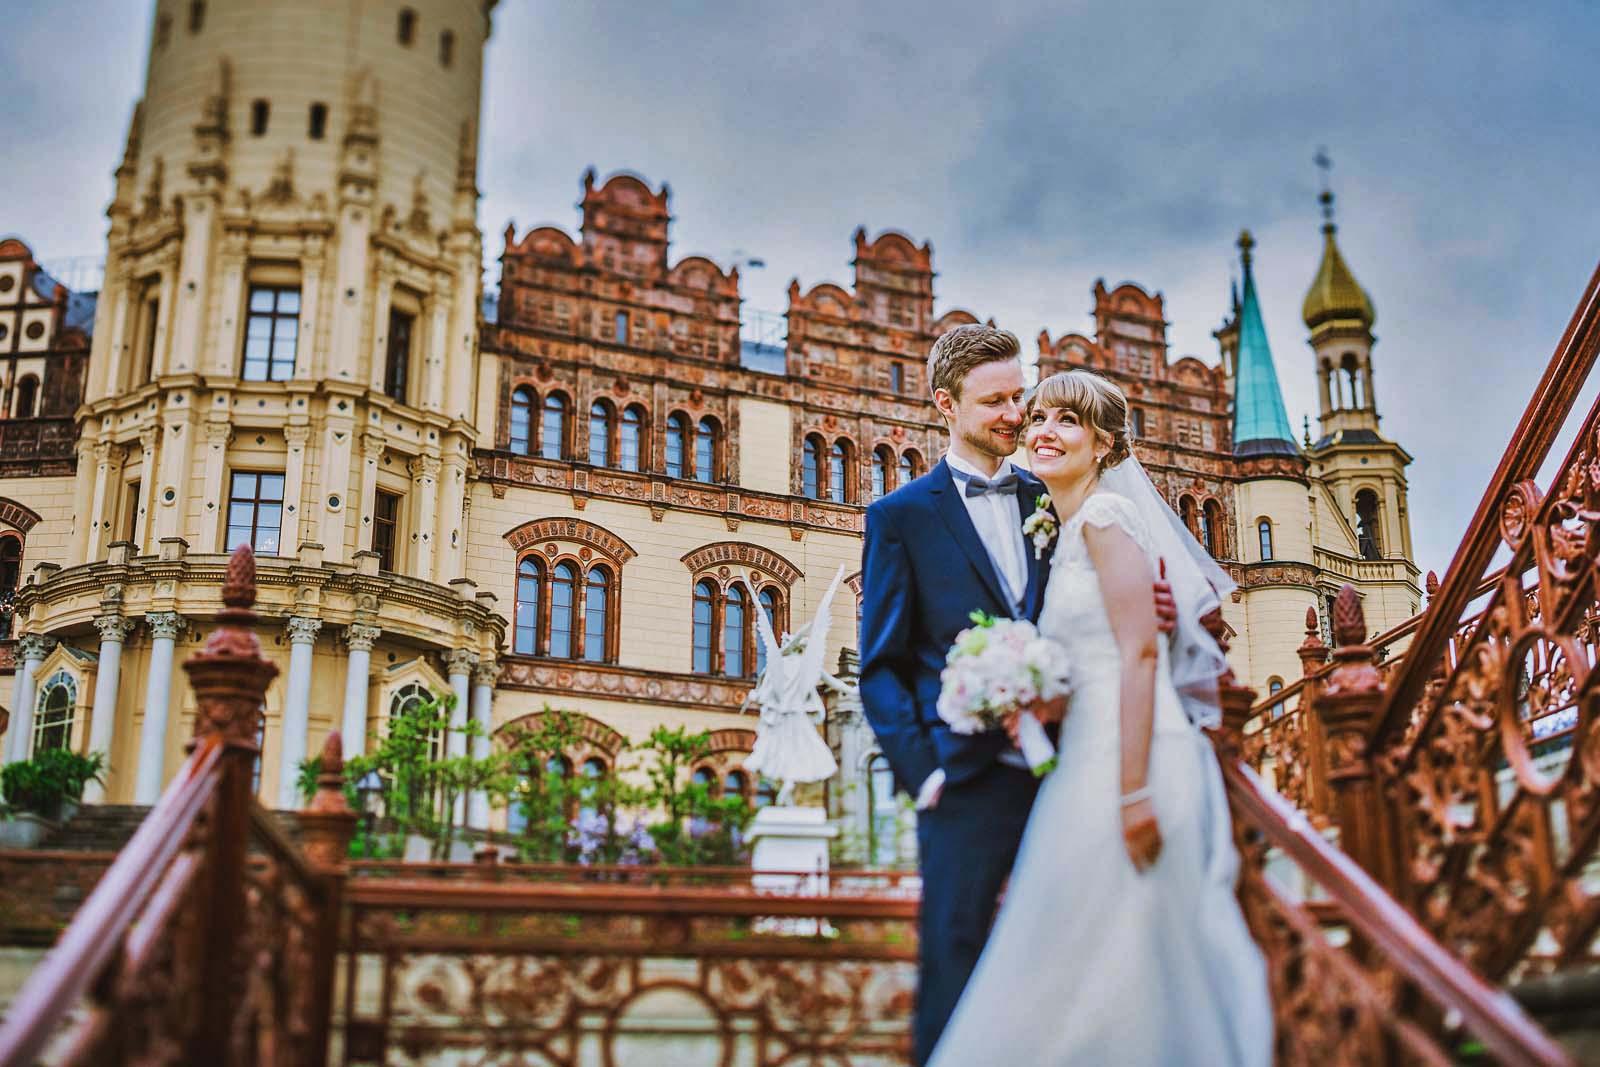 Hochzeitsfotograf am Schloss Schwerin Copyright by Hochzeitsfotograf www.berliner-hochzeitsfotografie.de